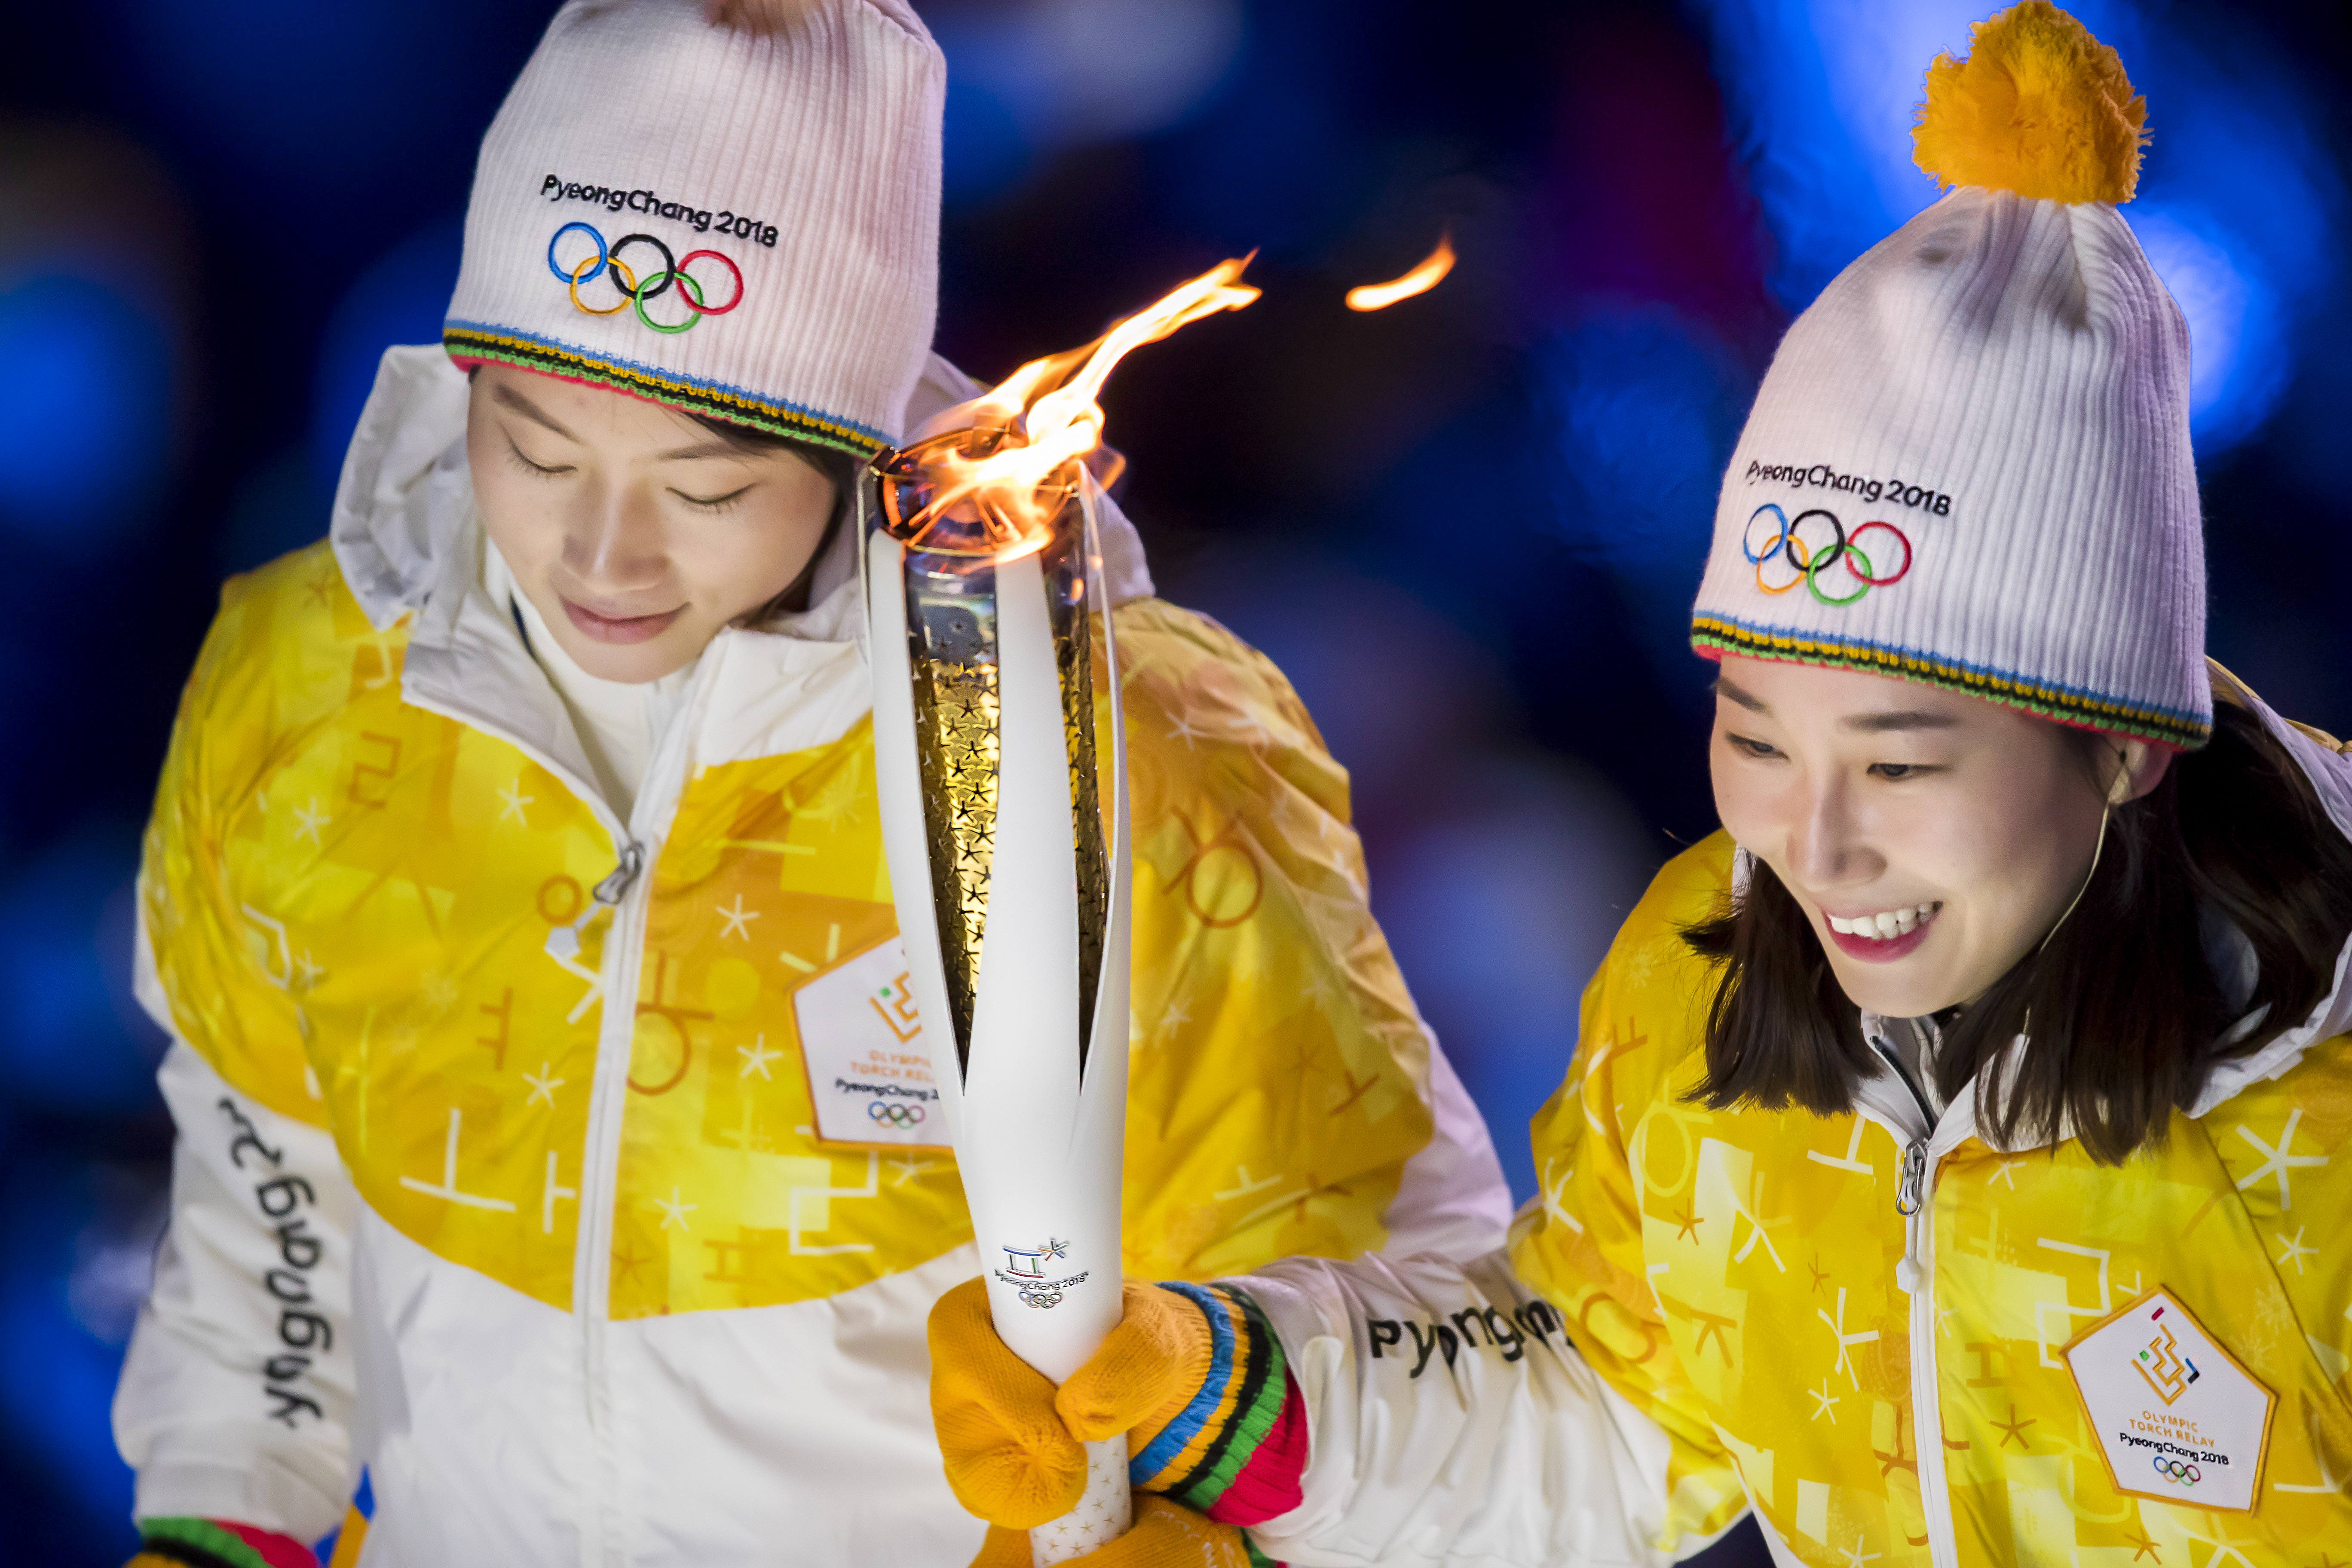 20180209_PyeongChang2018_031 copy edited